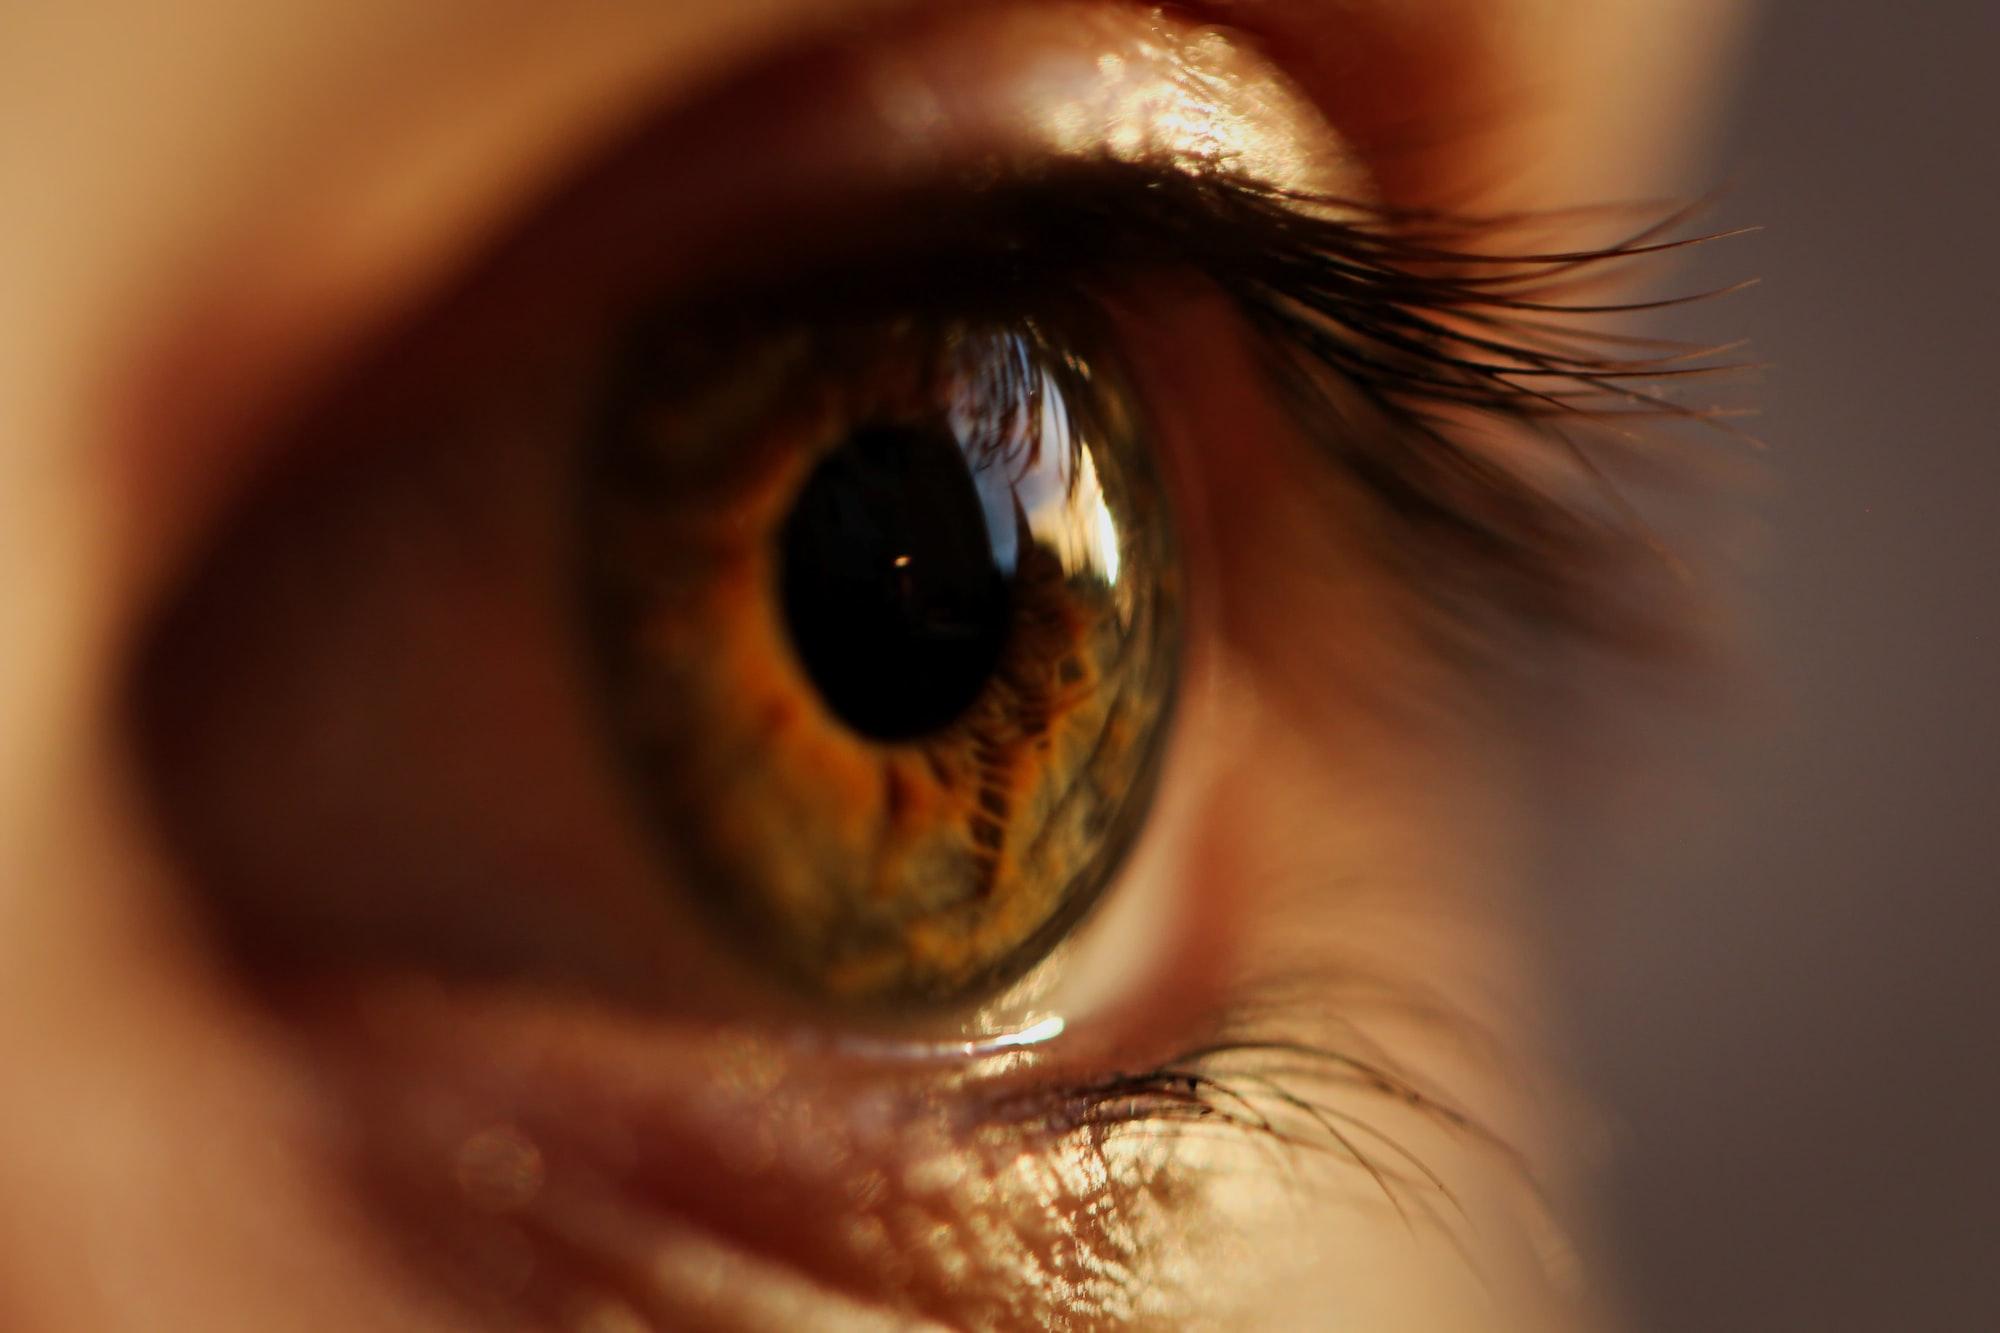 Jedna z metod léčby rakoviny dává pacientům schopnost nočního vidění